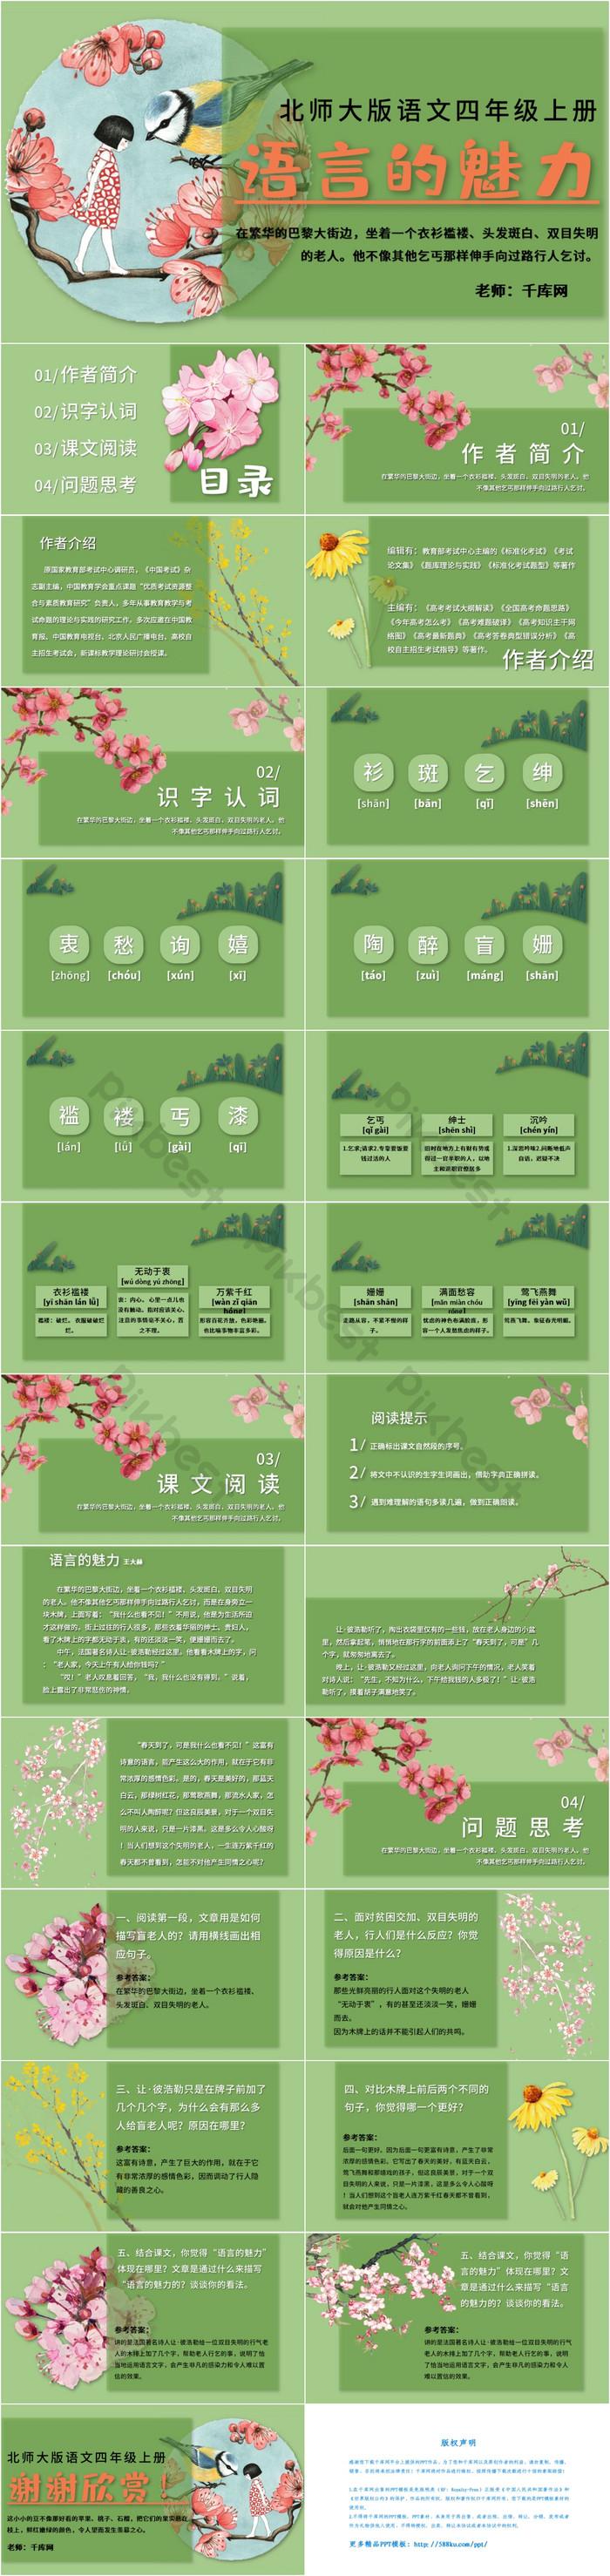 เสน่ห์ของบทเรียนภาษาสำหรับนักเรียนชั้นประถมศึกษาปีที่ 4 ของ beijing normal university